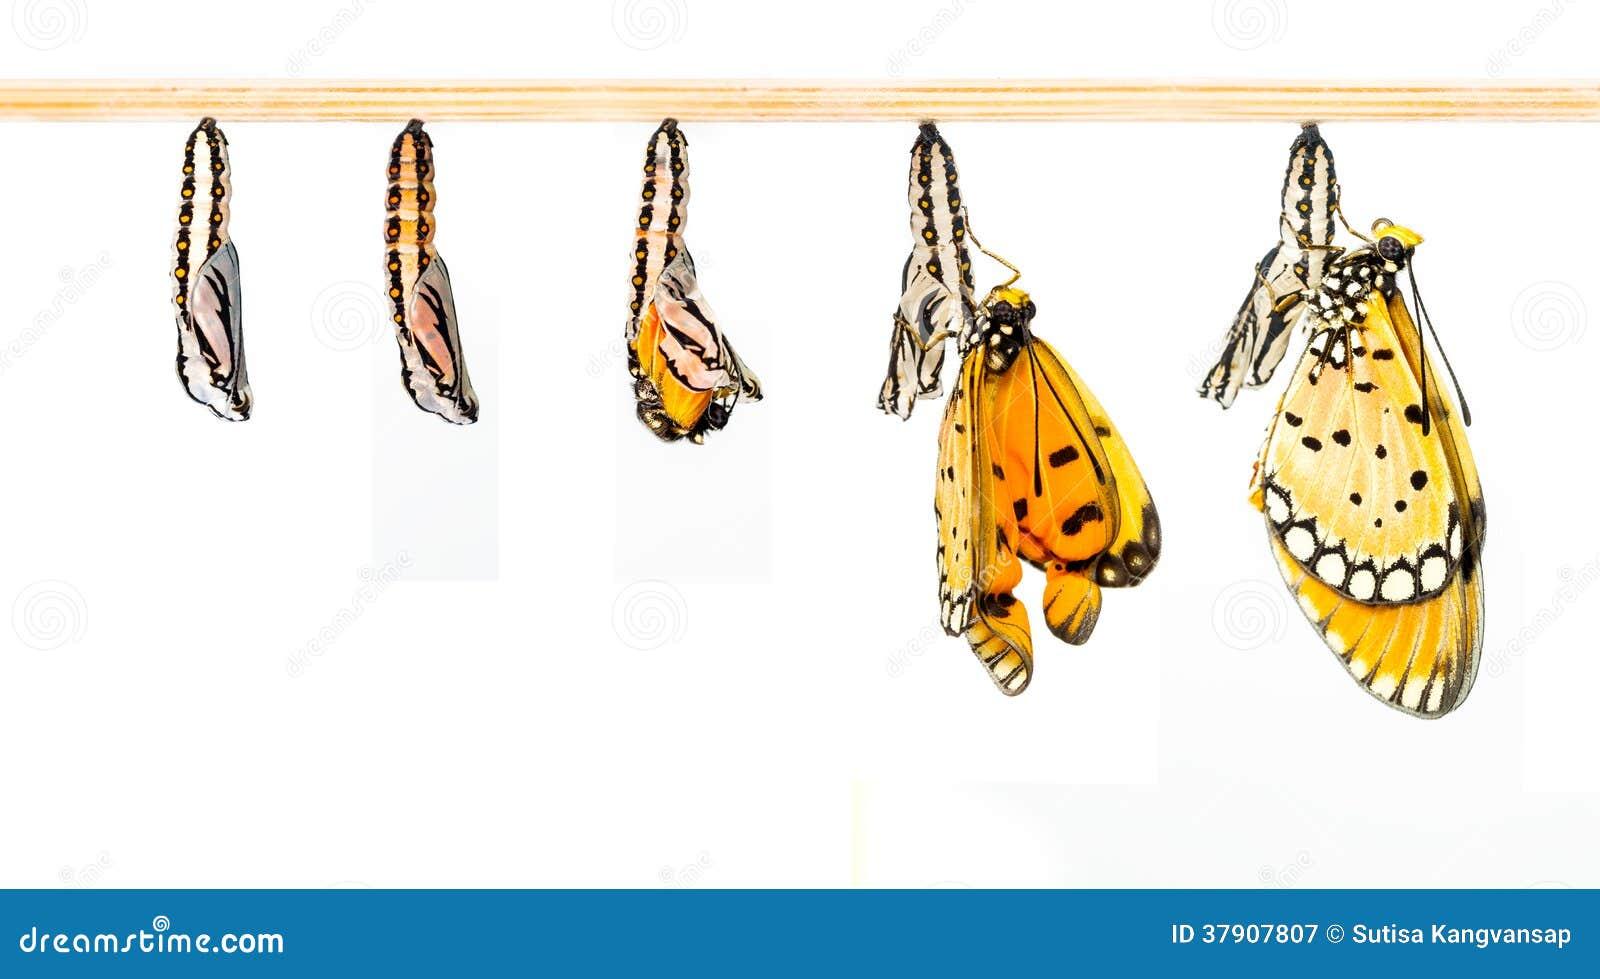 le cocon m r transforment au papillon de tawny coster. Black Bedroom Furniture Sets. Home Design Ideas